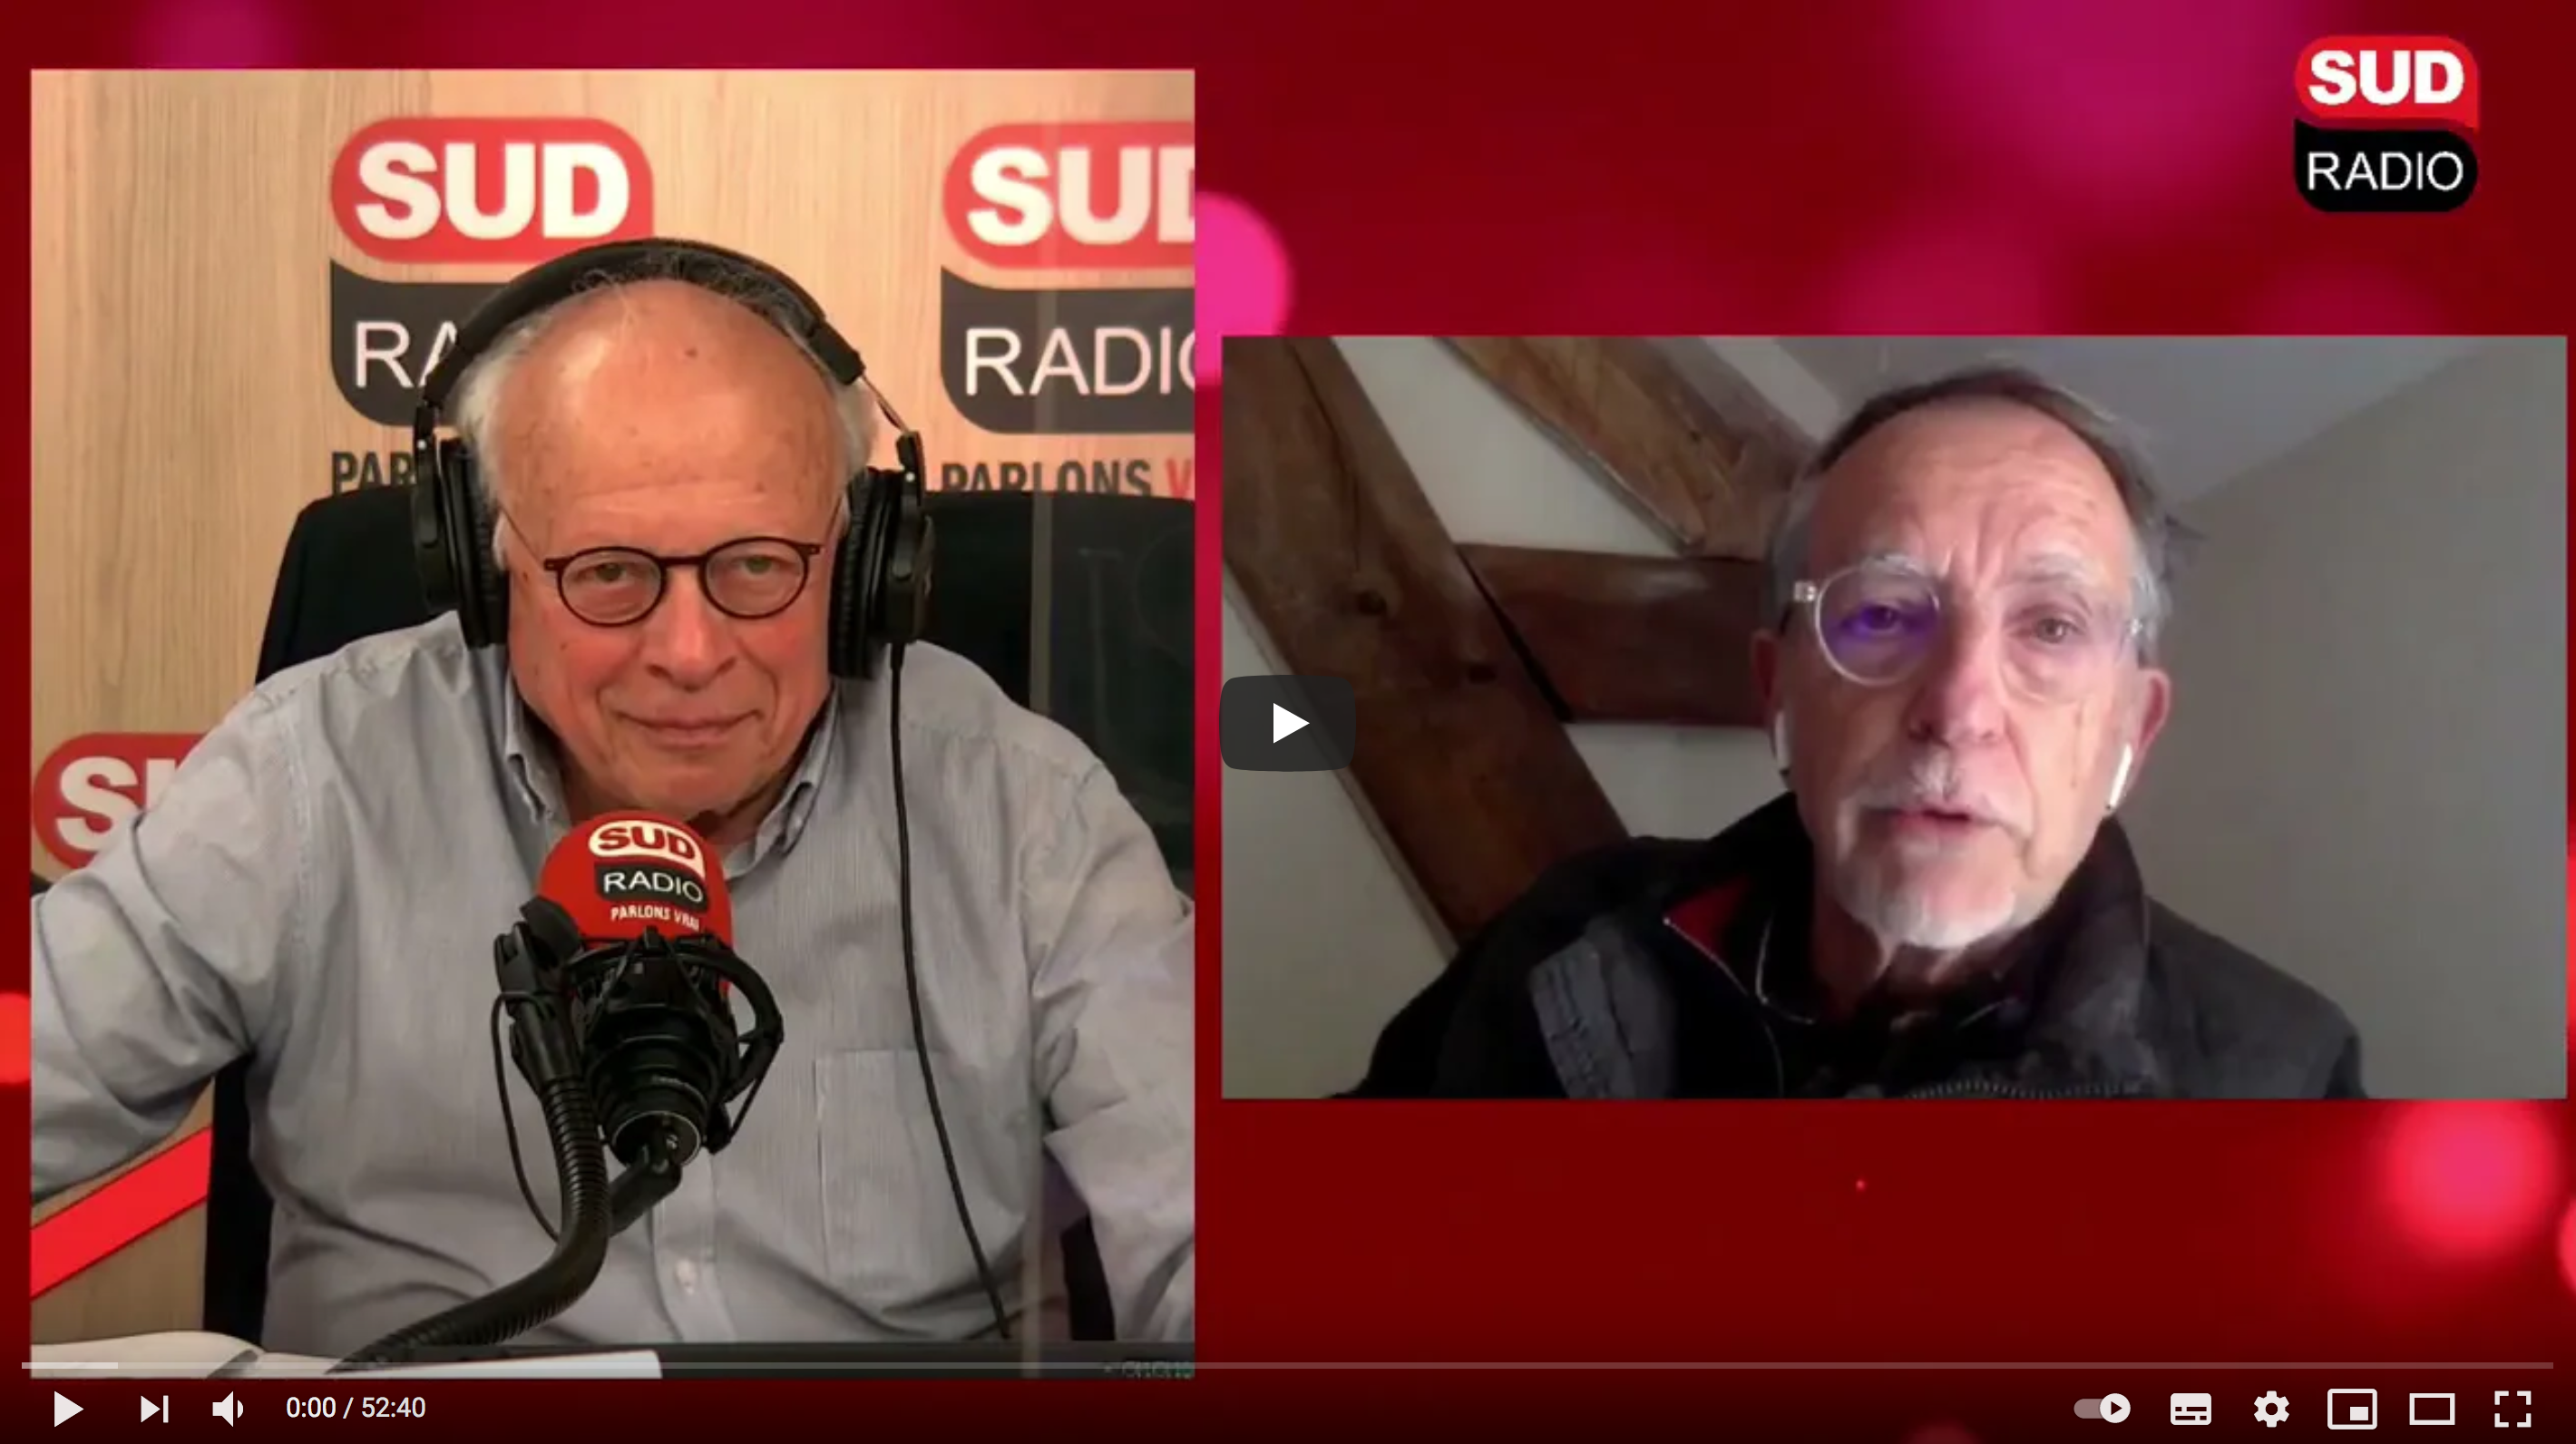 """""""France, démocratie défaillante : il est temps de s'inspirer de la Suisse"""" : entretien avec François Garçon (VIDÉO)"""